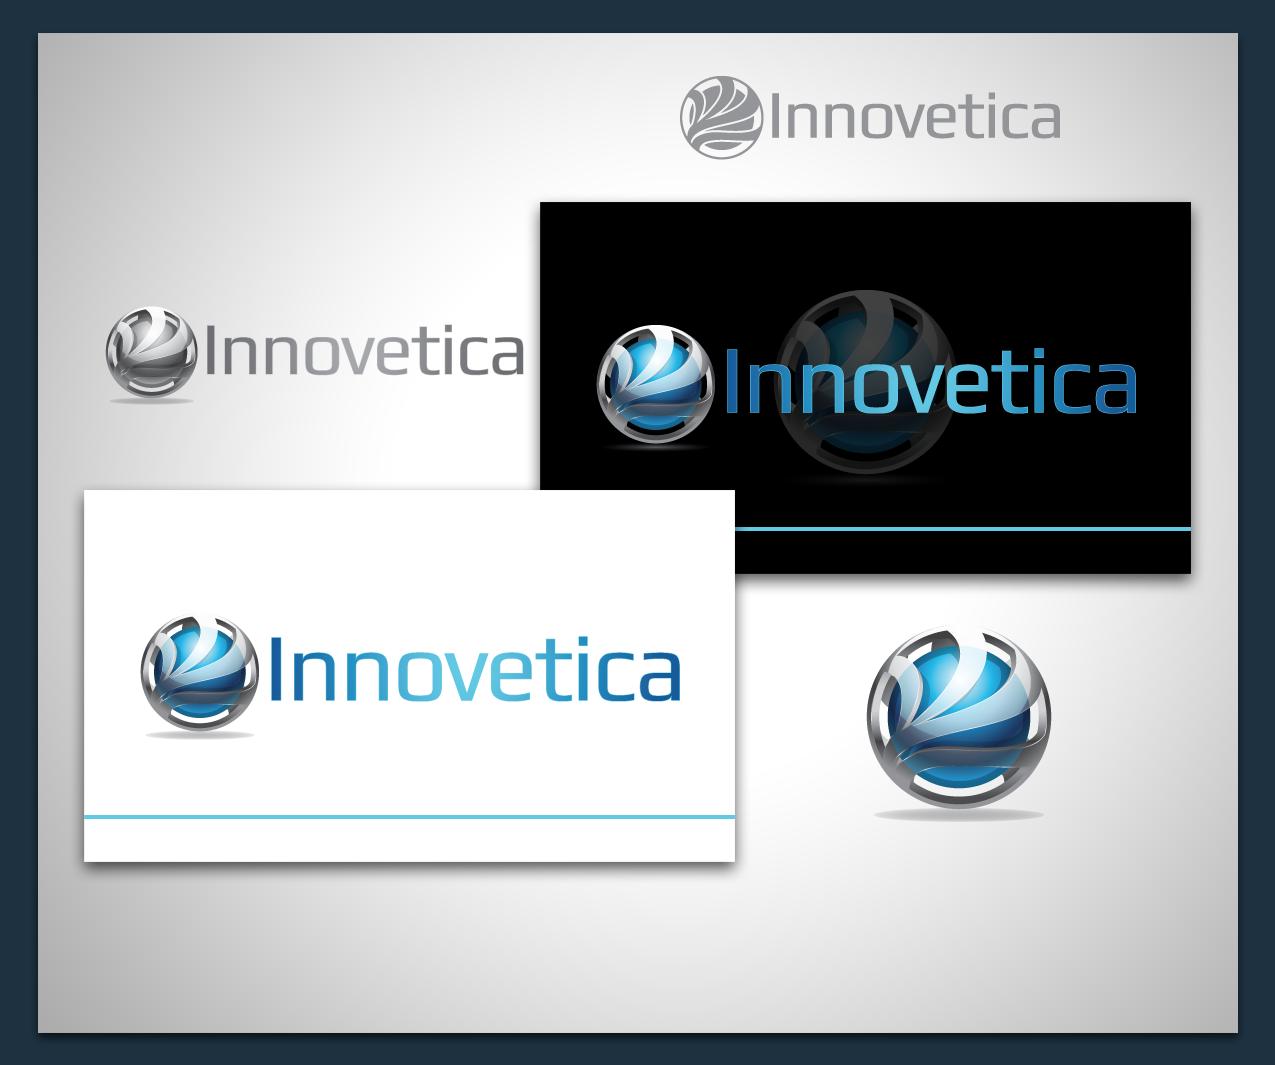 logo for Innovetica